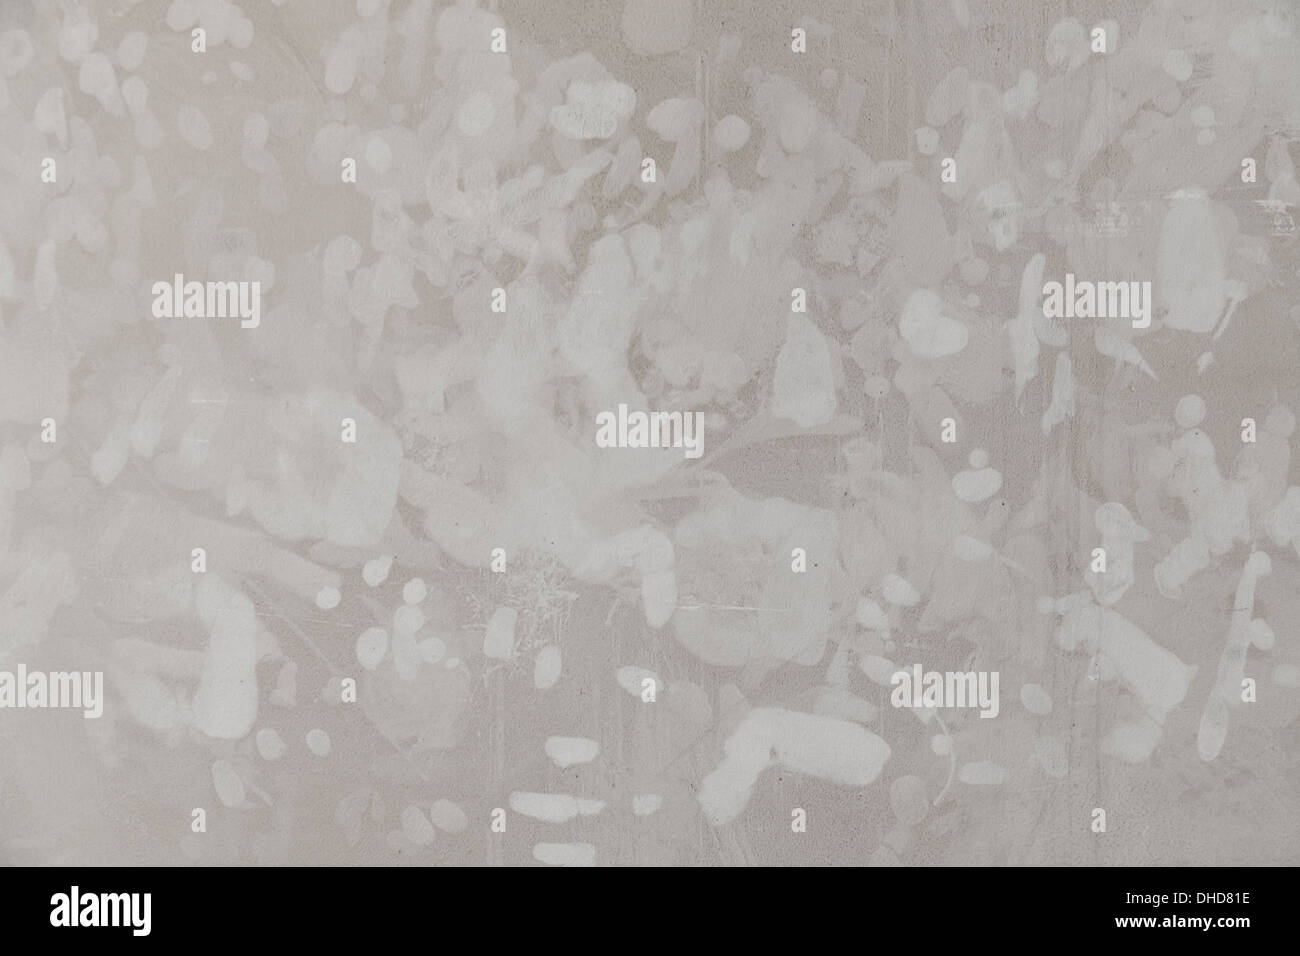 Les empreintes digitales sur le mur. Photo Stock